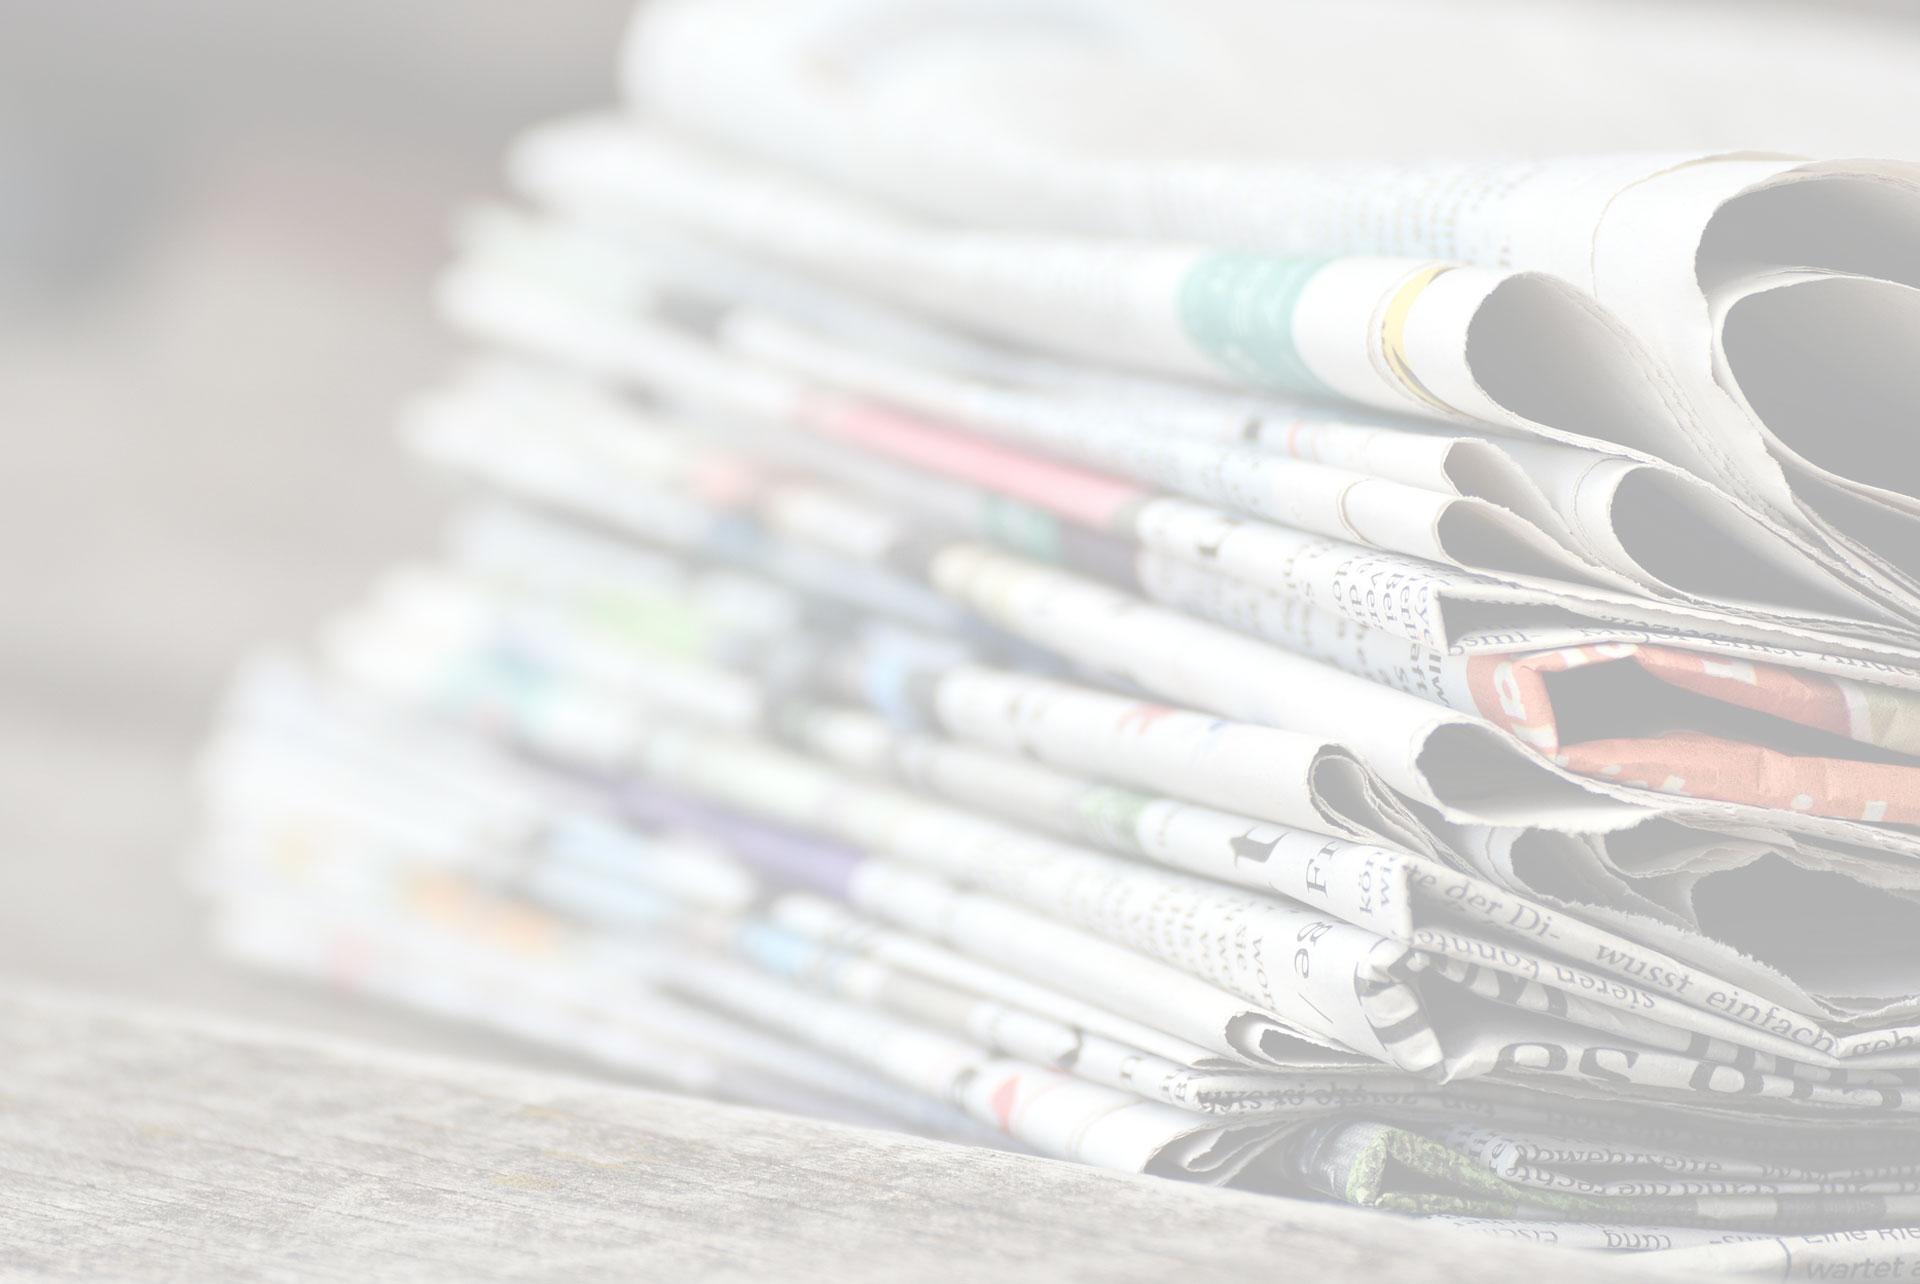 obbligazioni in rubli